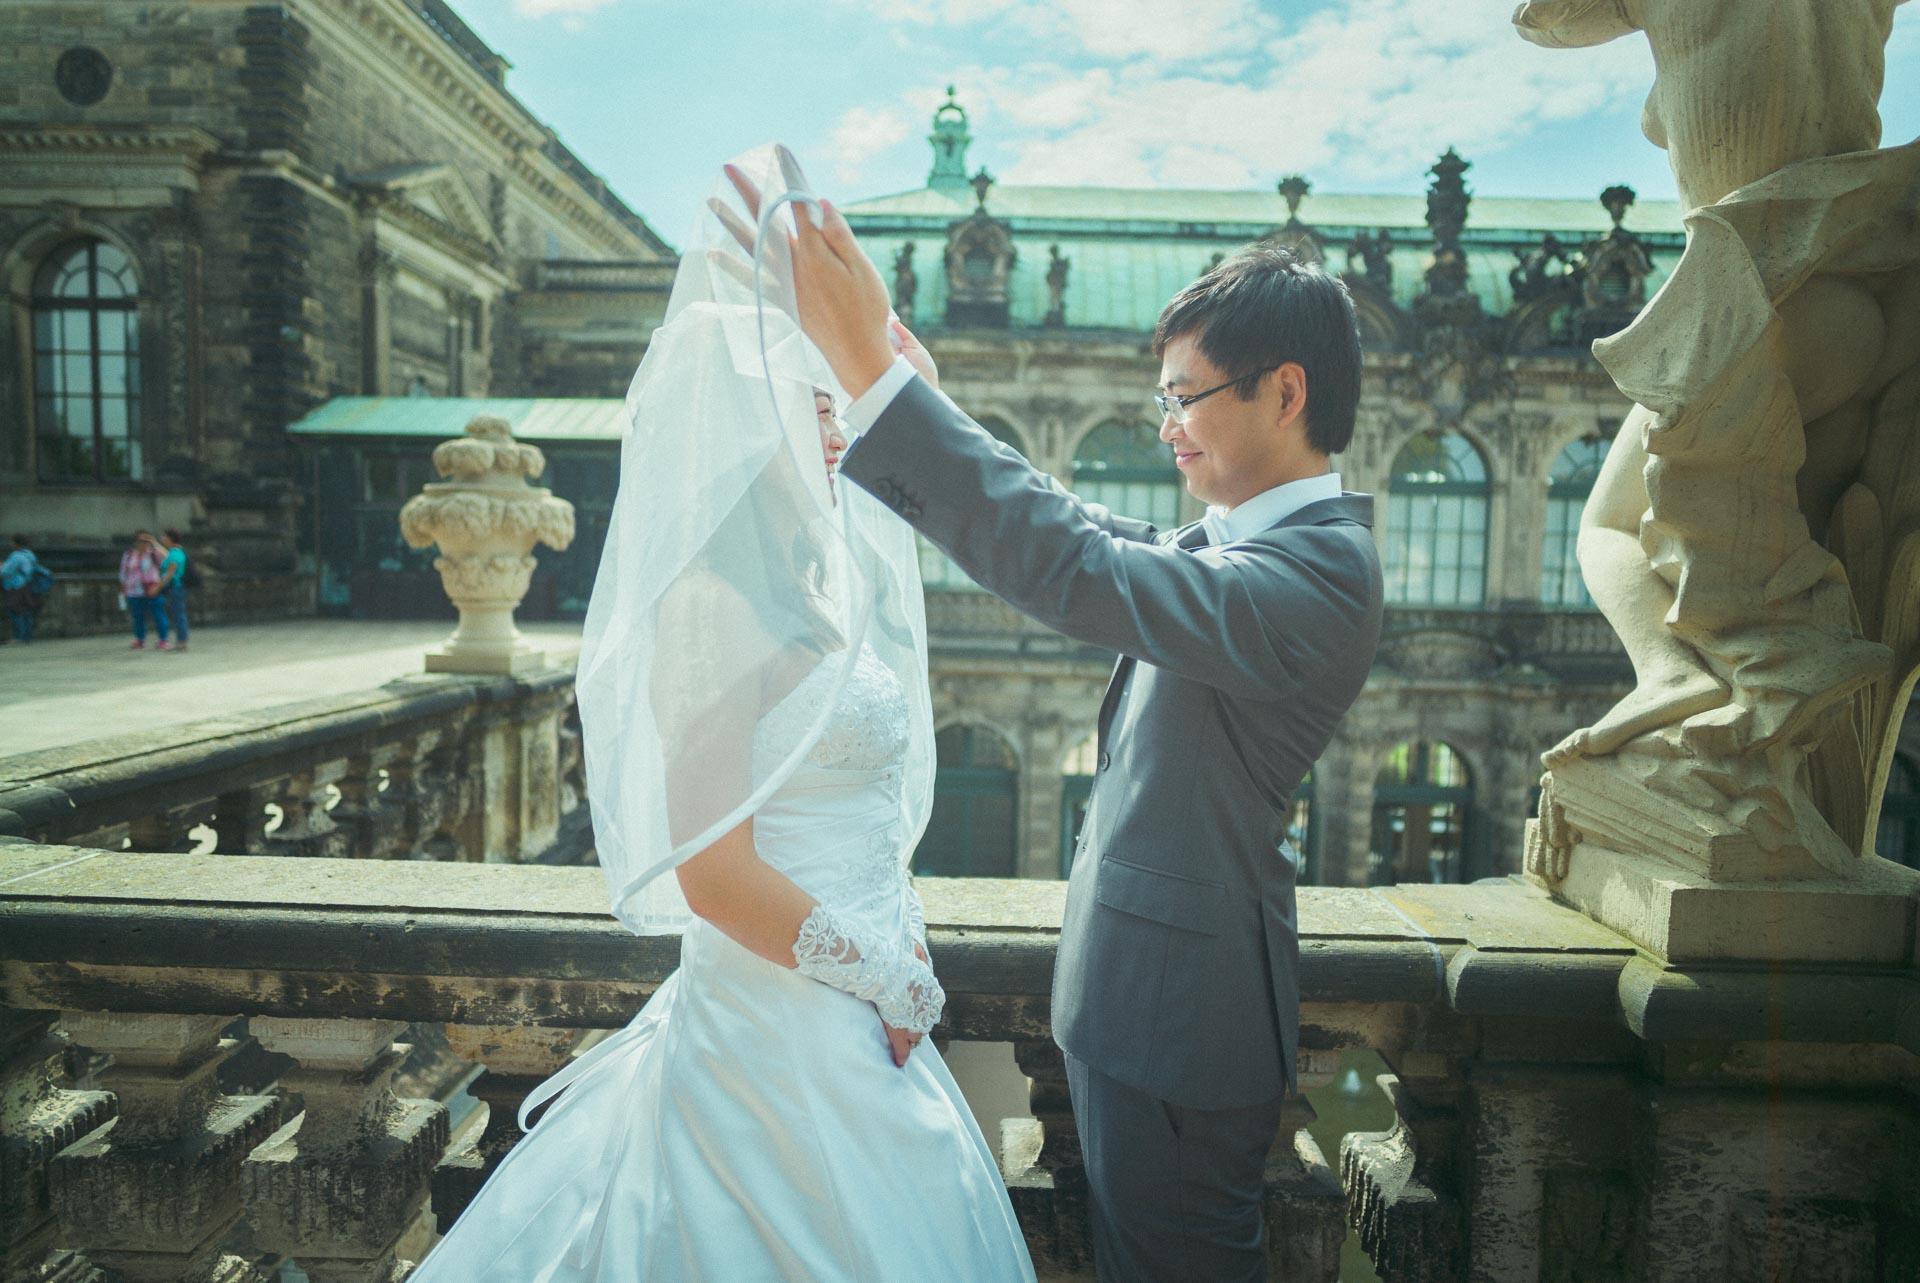 Hochzeitsfotograf Dresden - Zwinger Hochzeitsfotografie